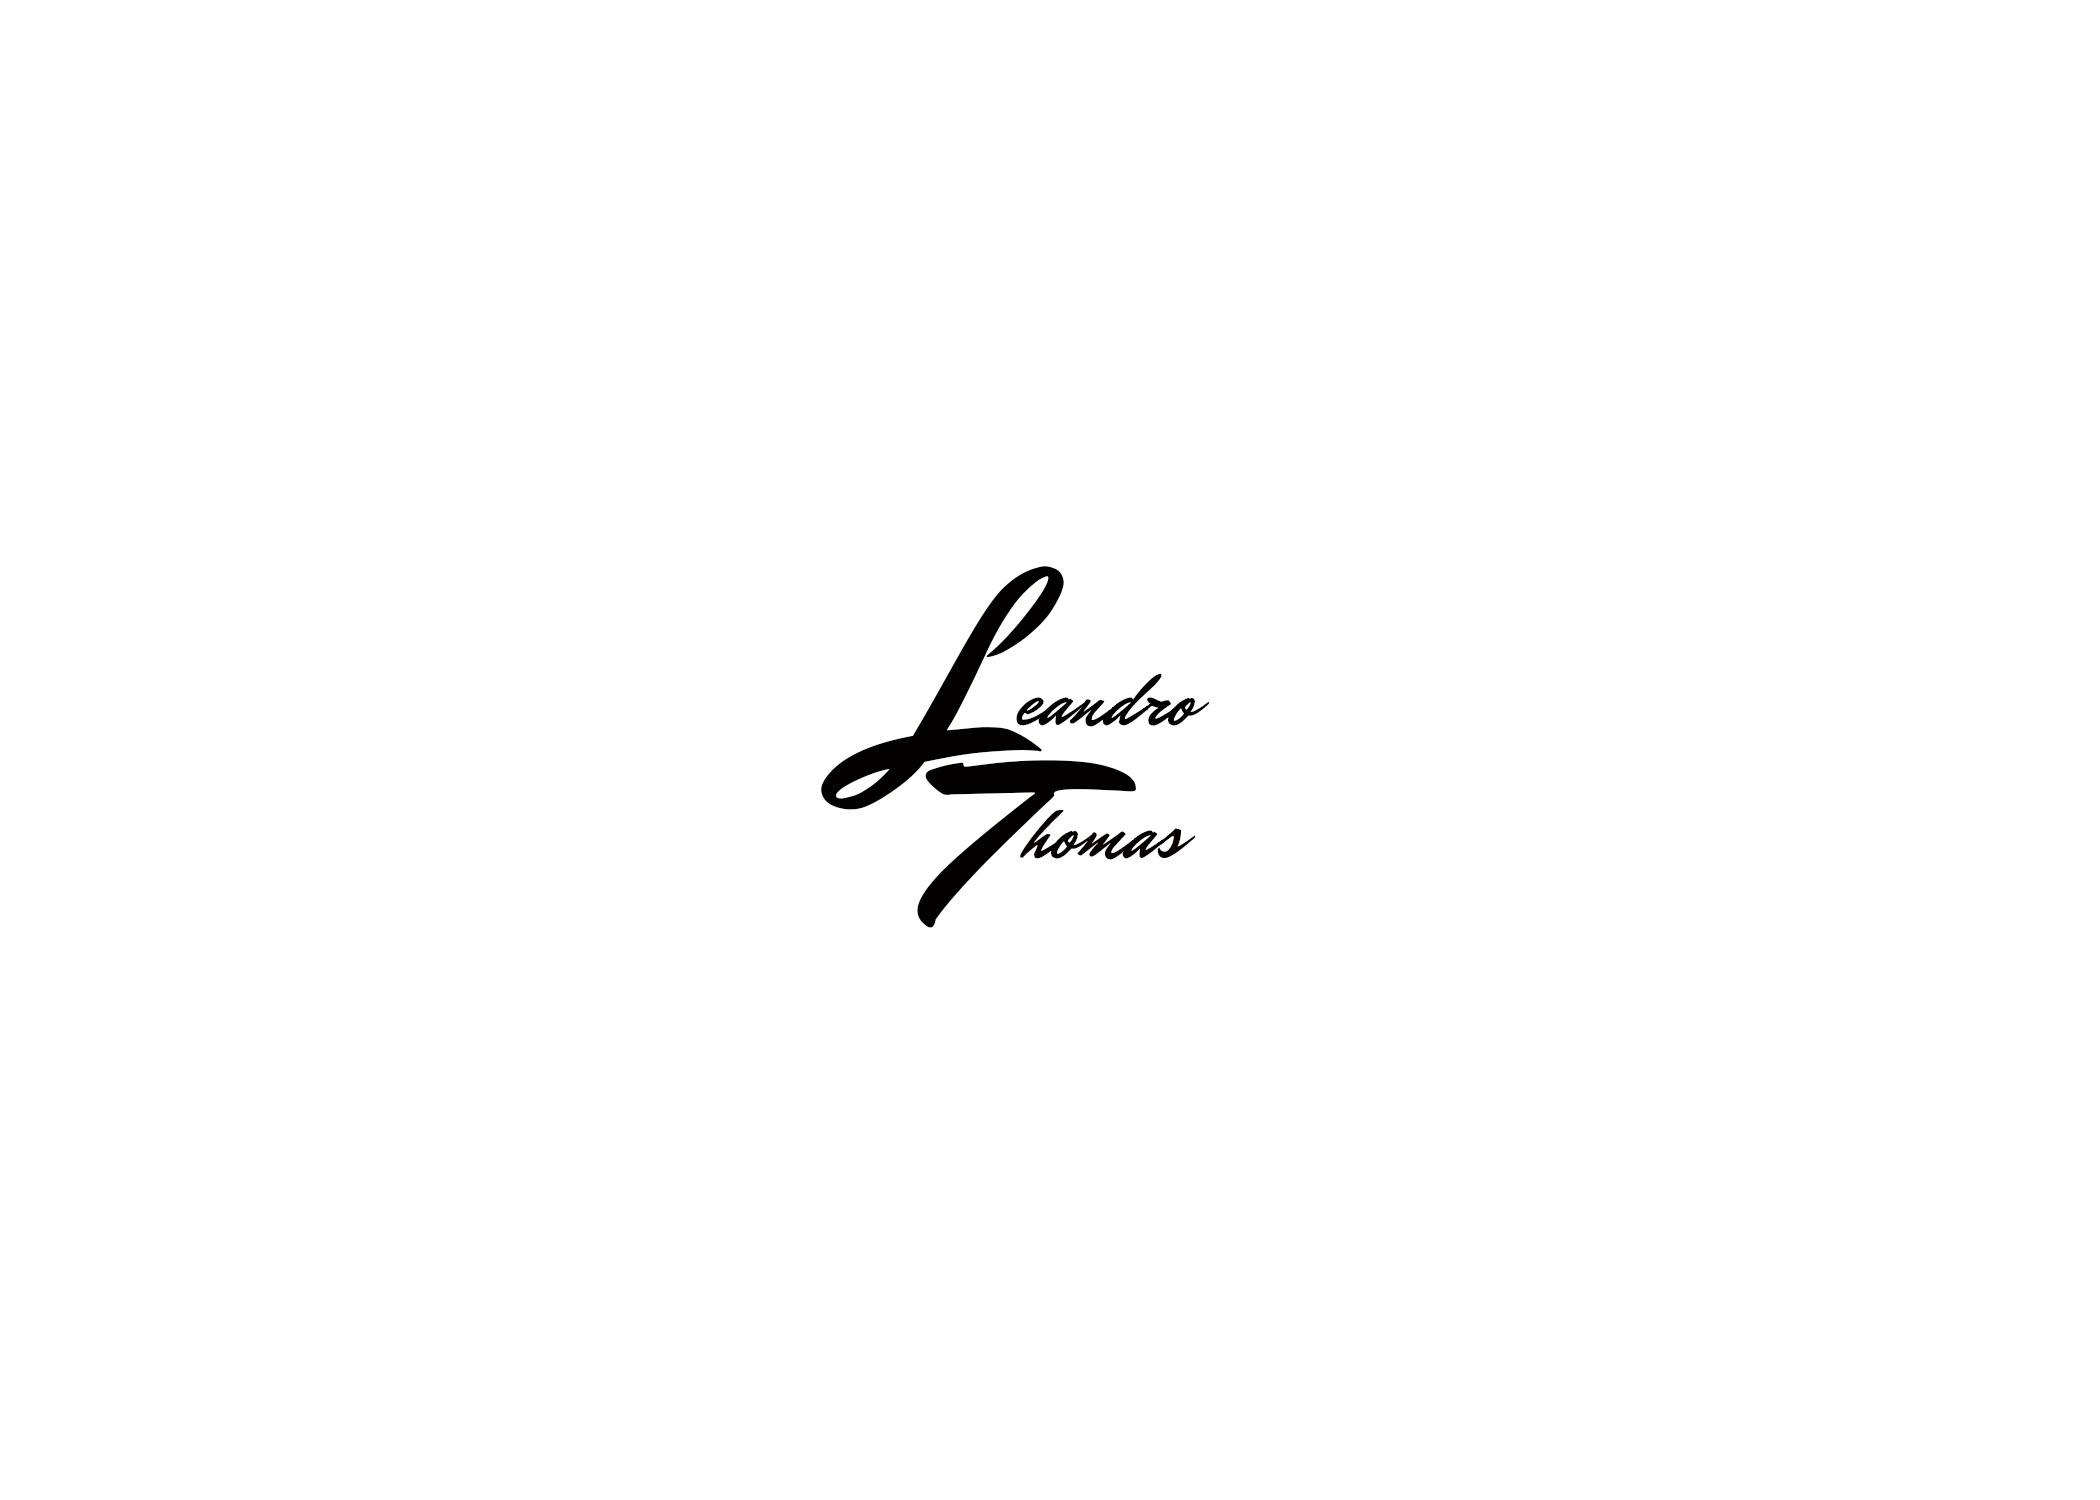 Leandro Thomas Logo white.jpg